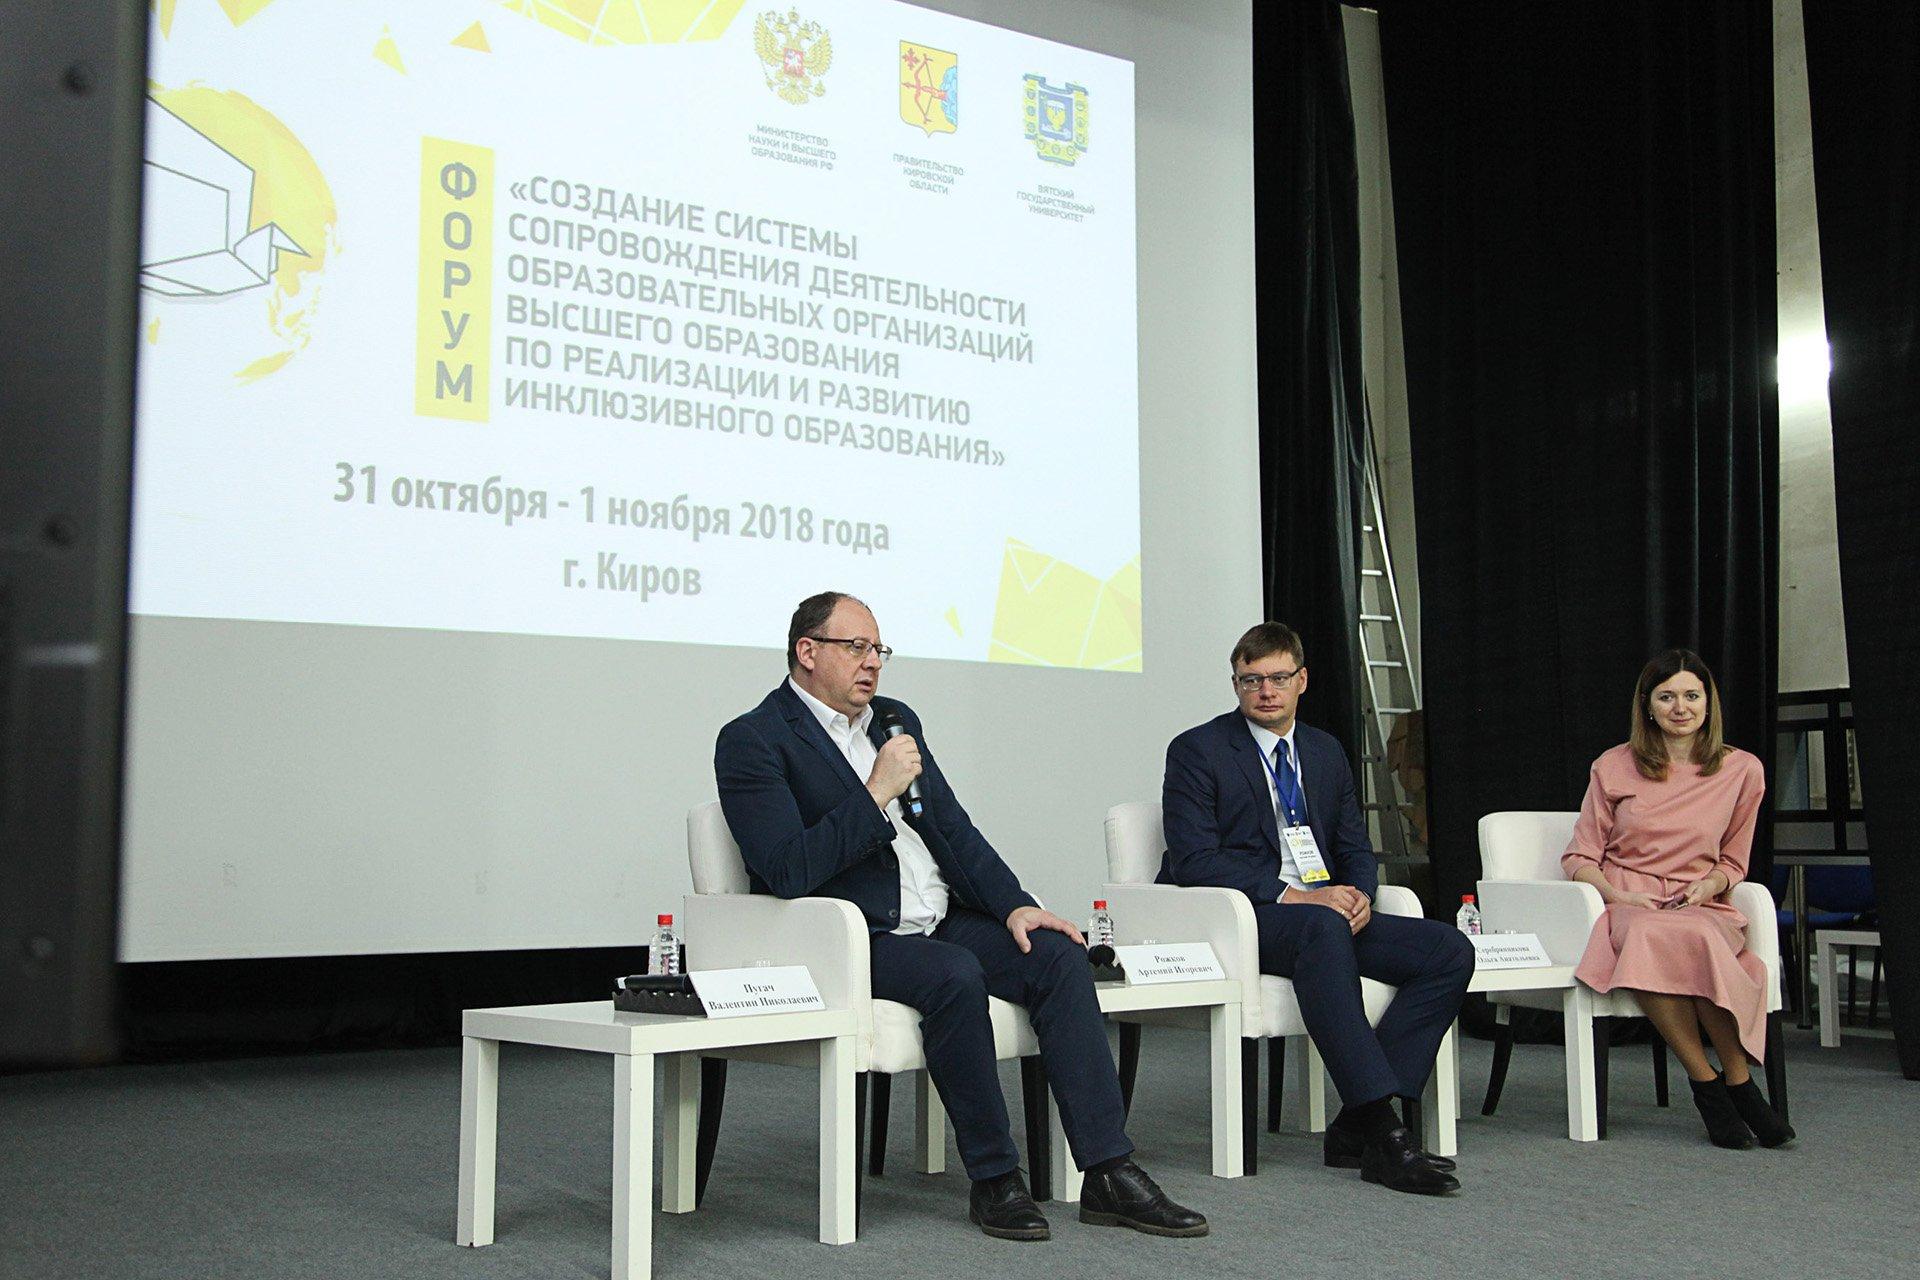 Форум по инклюзивному образованию